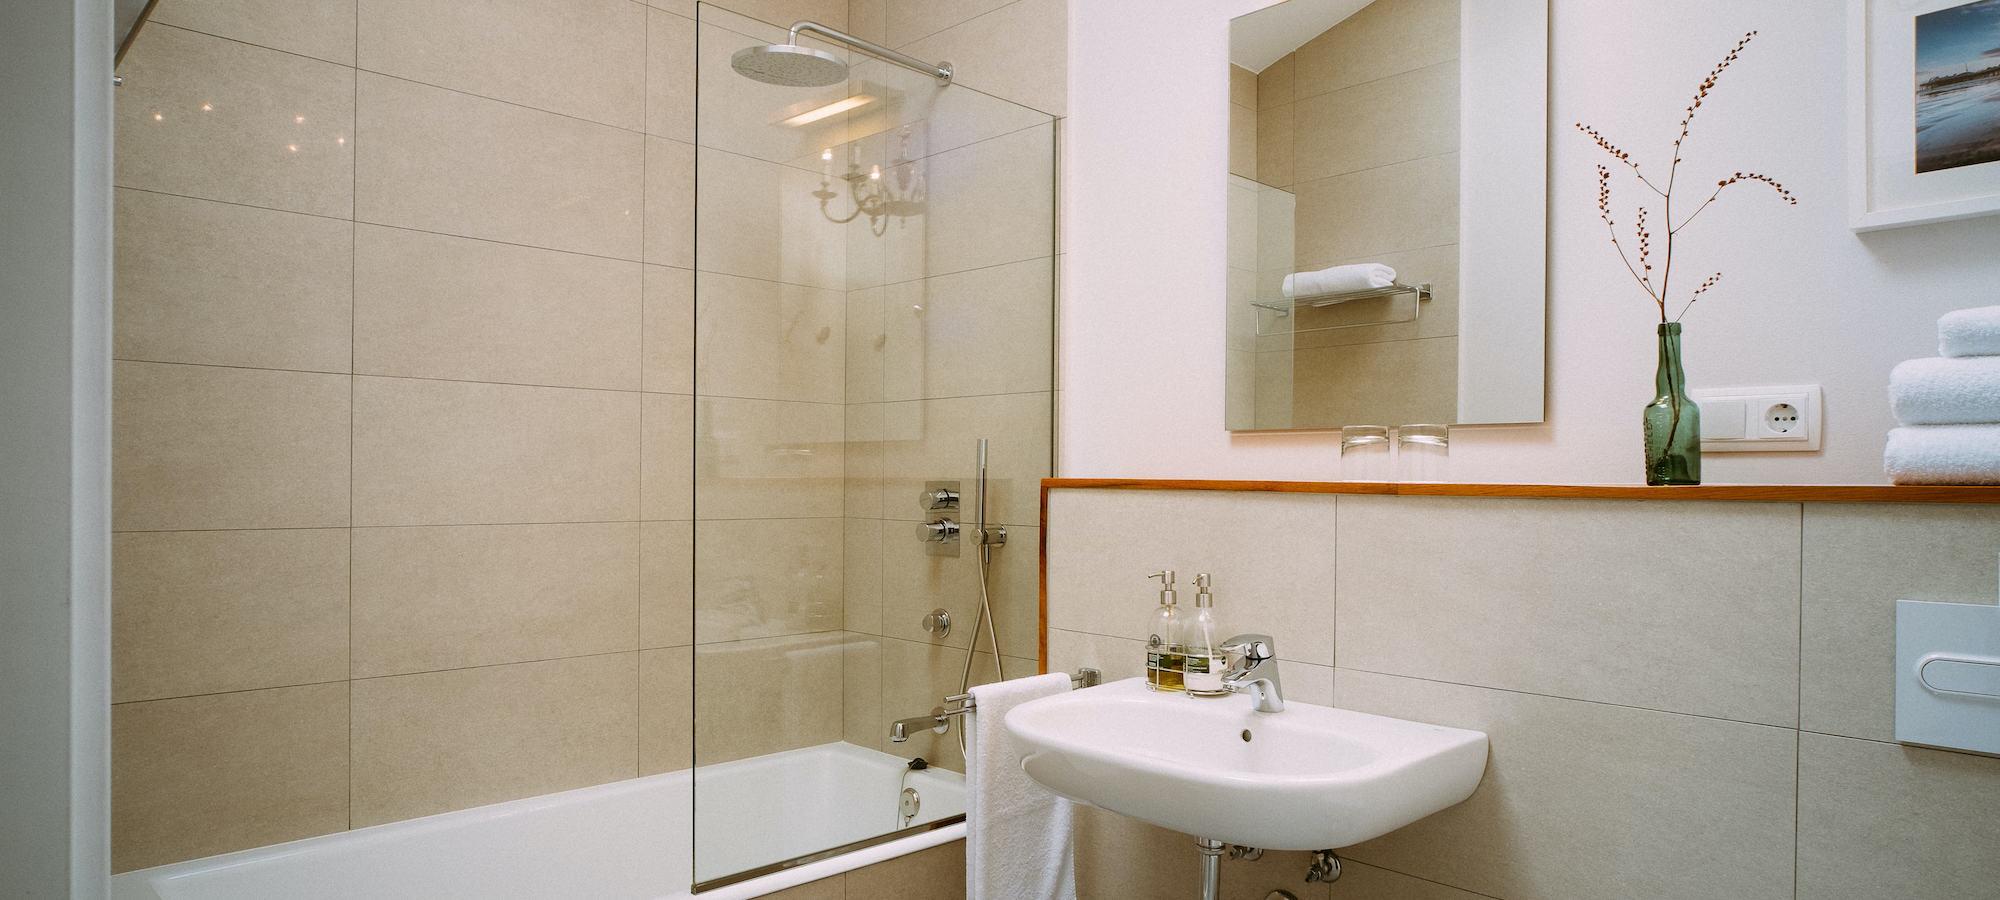 el gran suelo habitación jardín baño